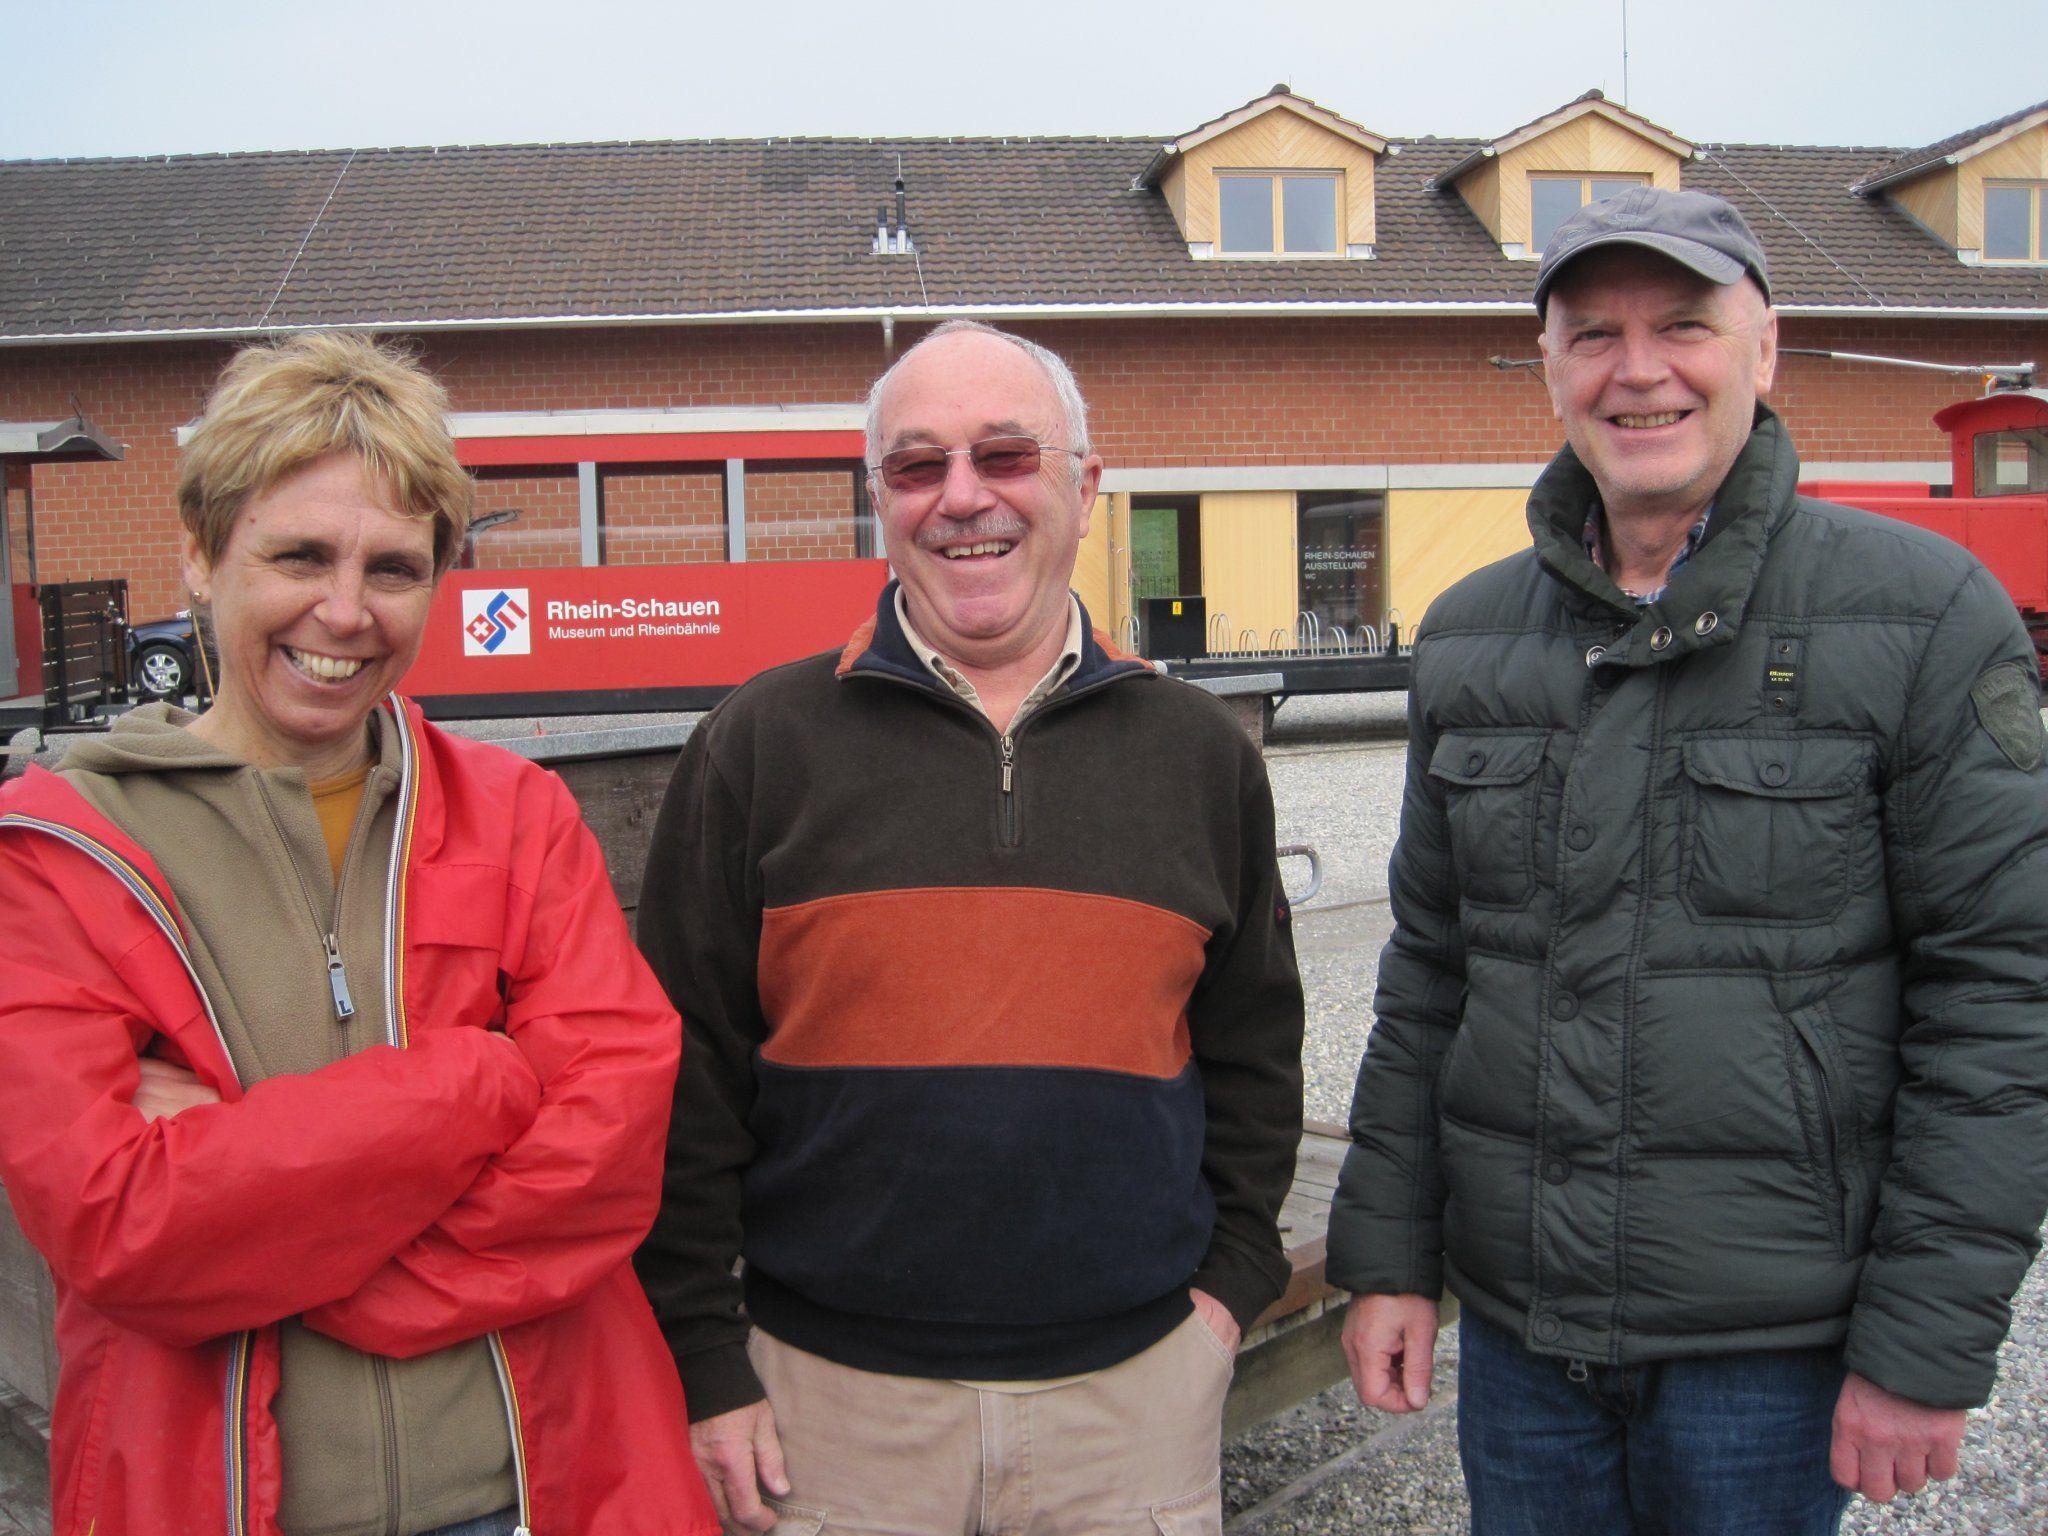 Museumsleiterin Dr. Gerda Leipold, Vereinsobmann Leo Kalt und DI Martin Weiß (Österr. Rheinbauleitung) freuen sich auf den Start in die neue Saison